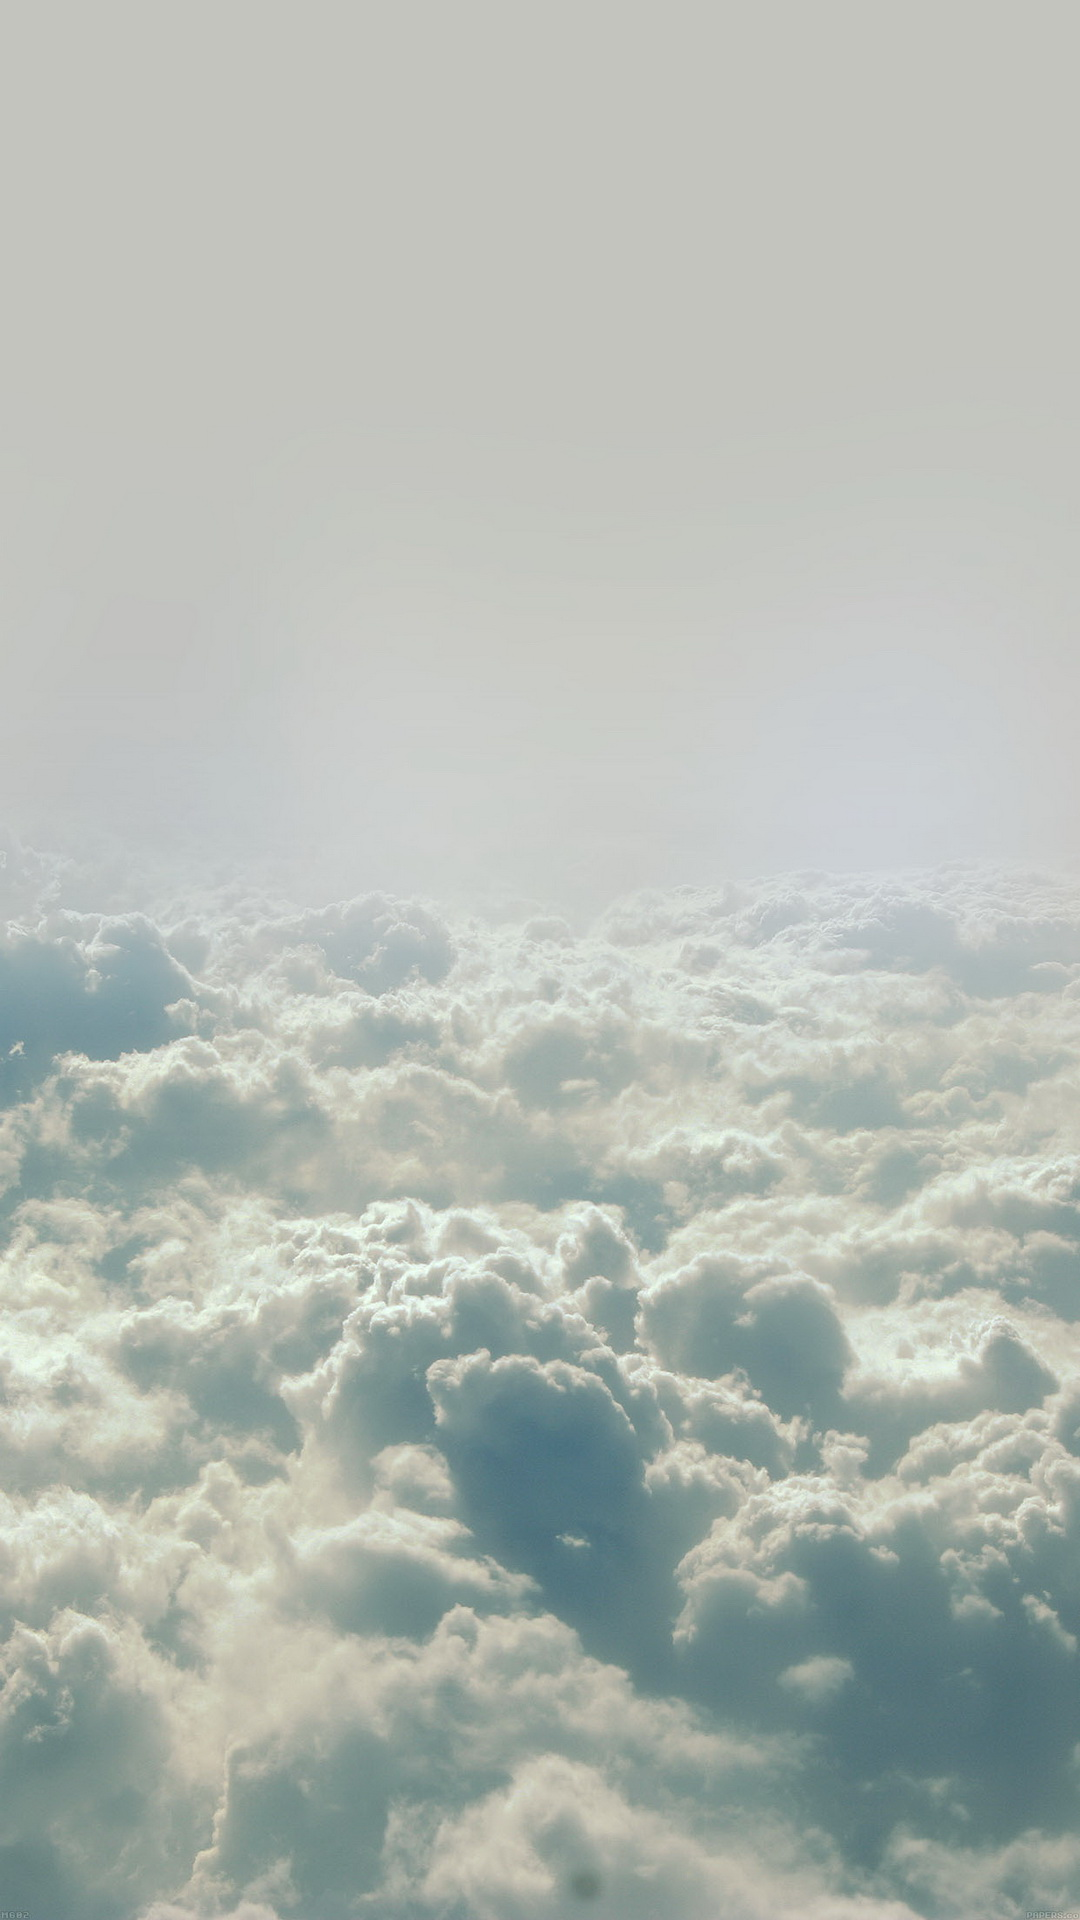 Cloud flare blue sky